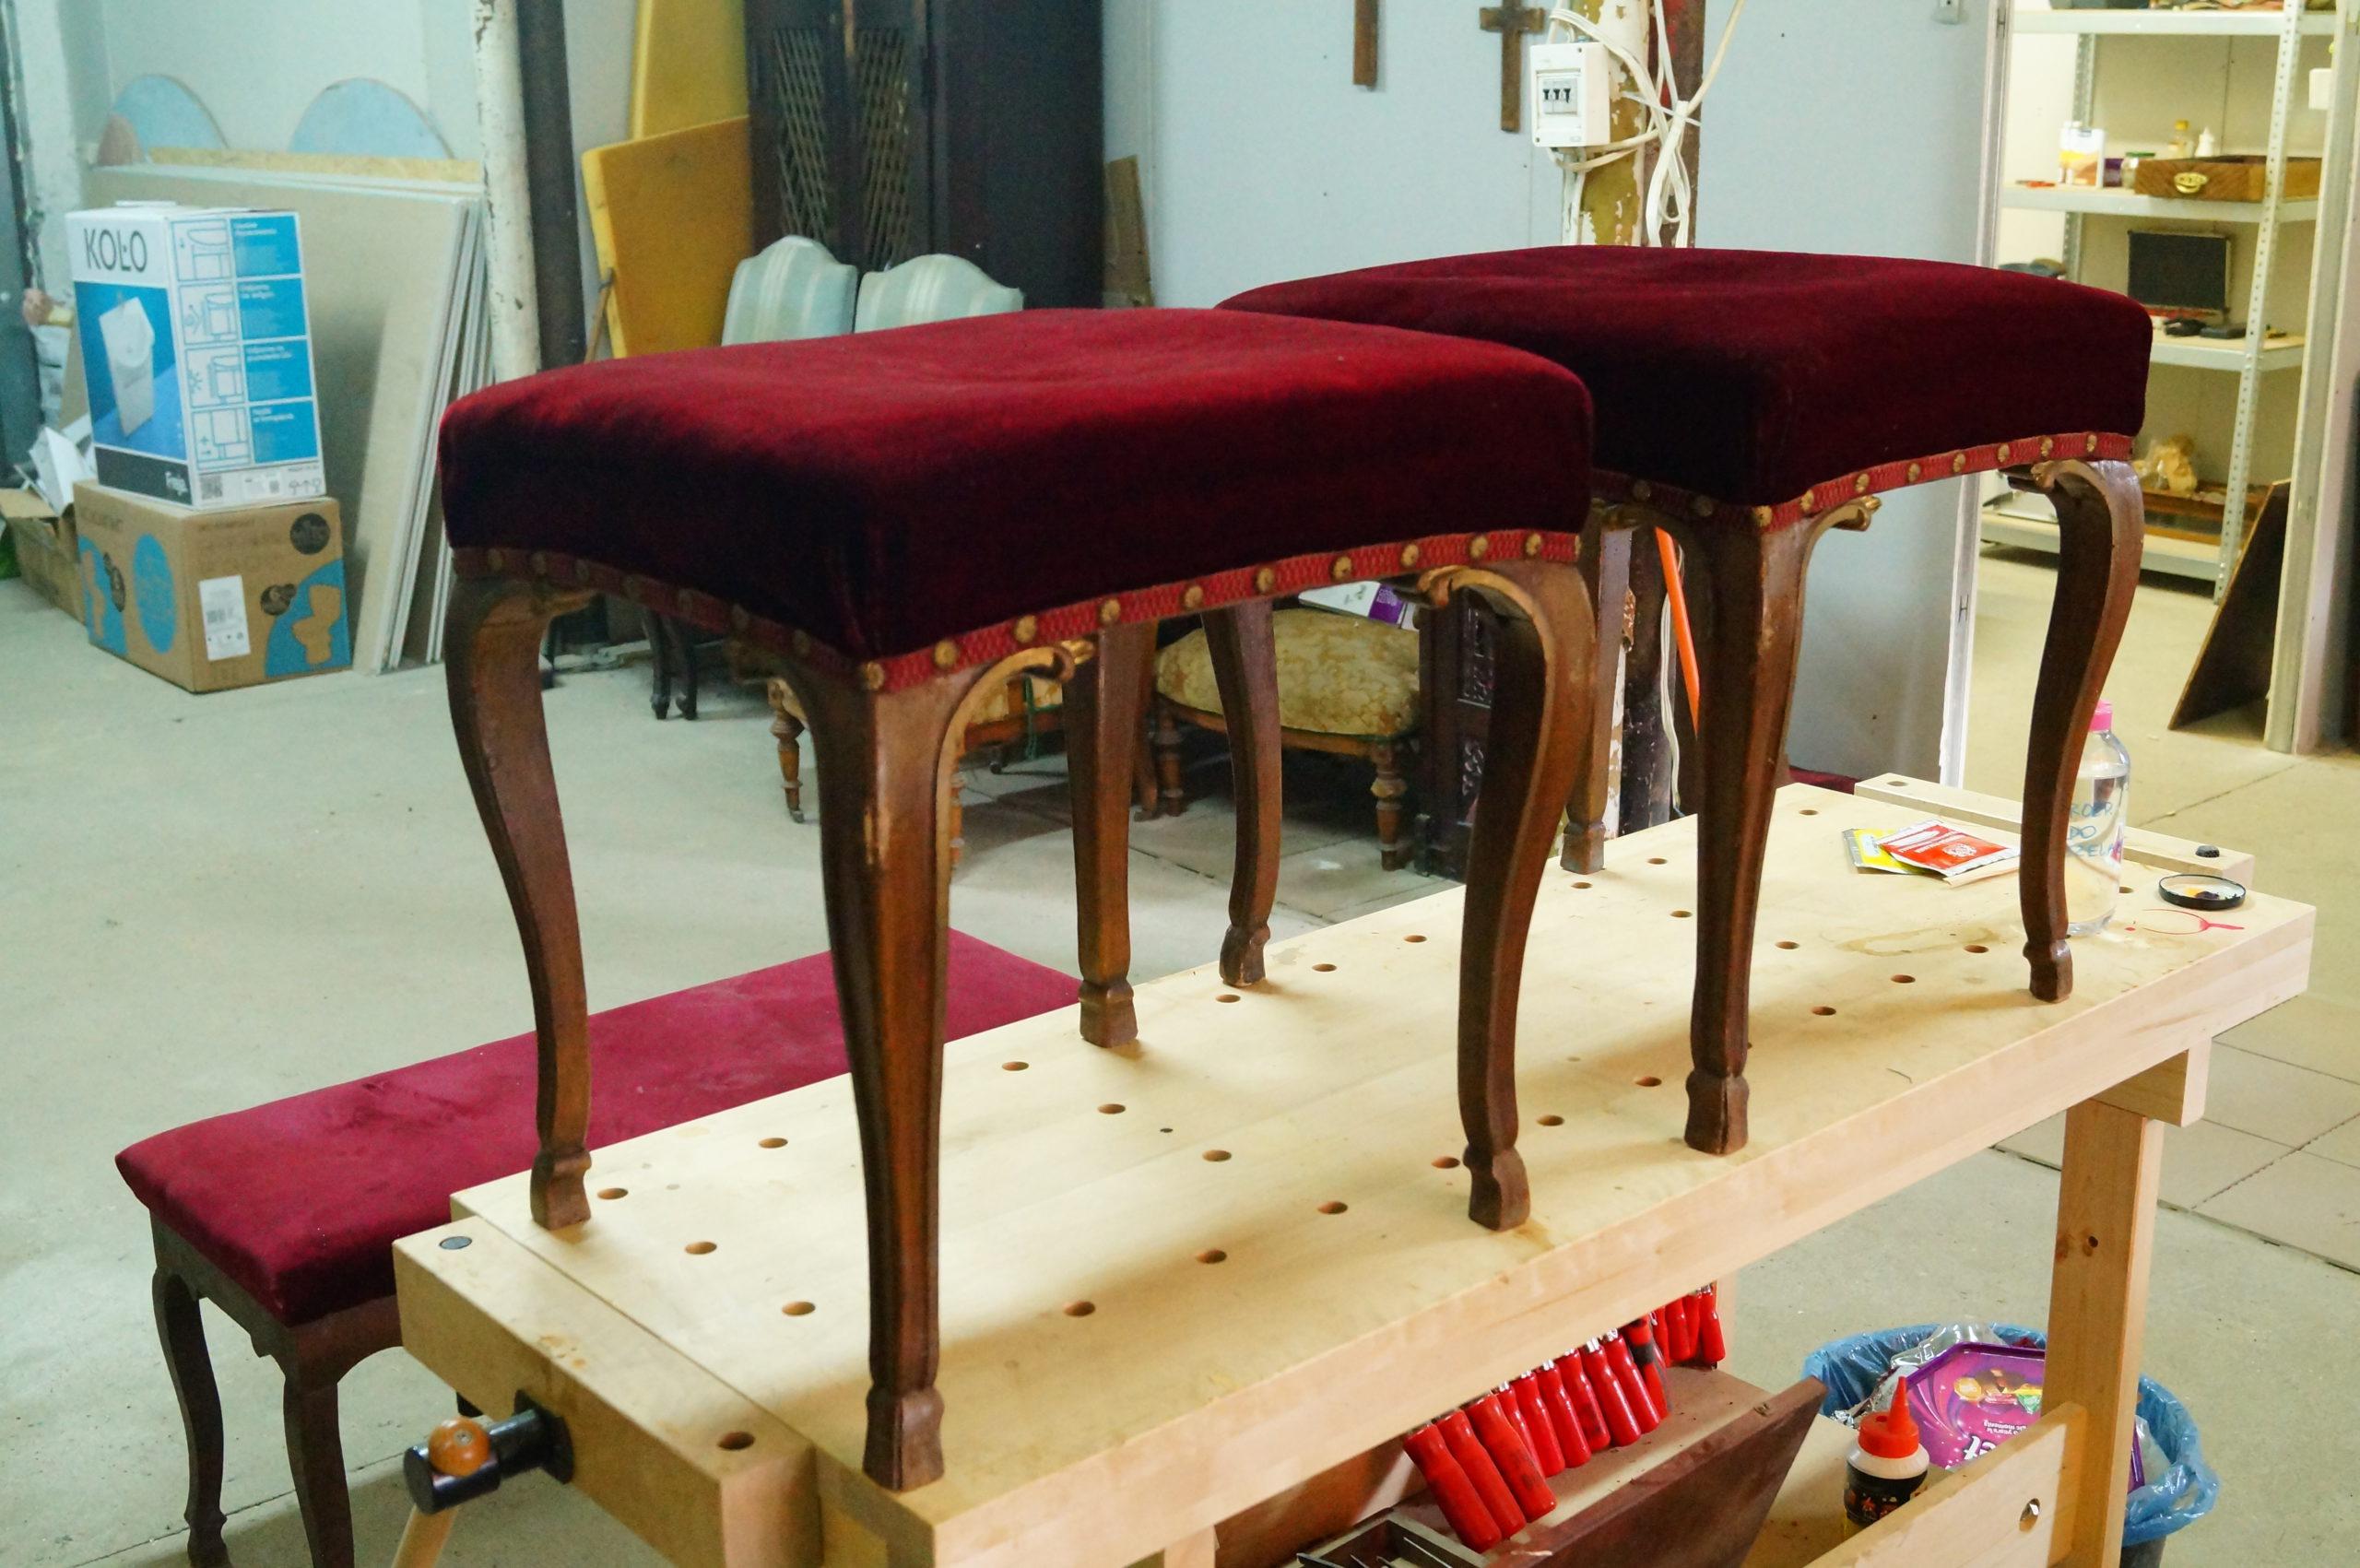 odnowienie siedzisk, renowacja pufek, renowacja antyków